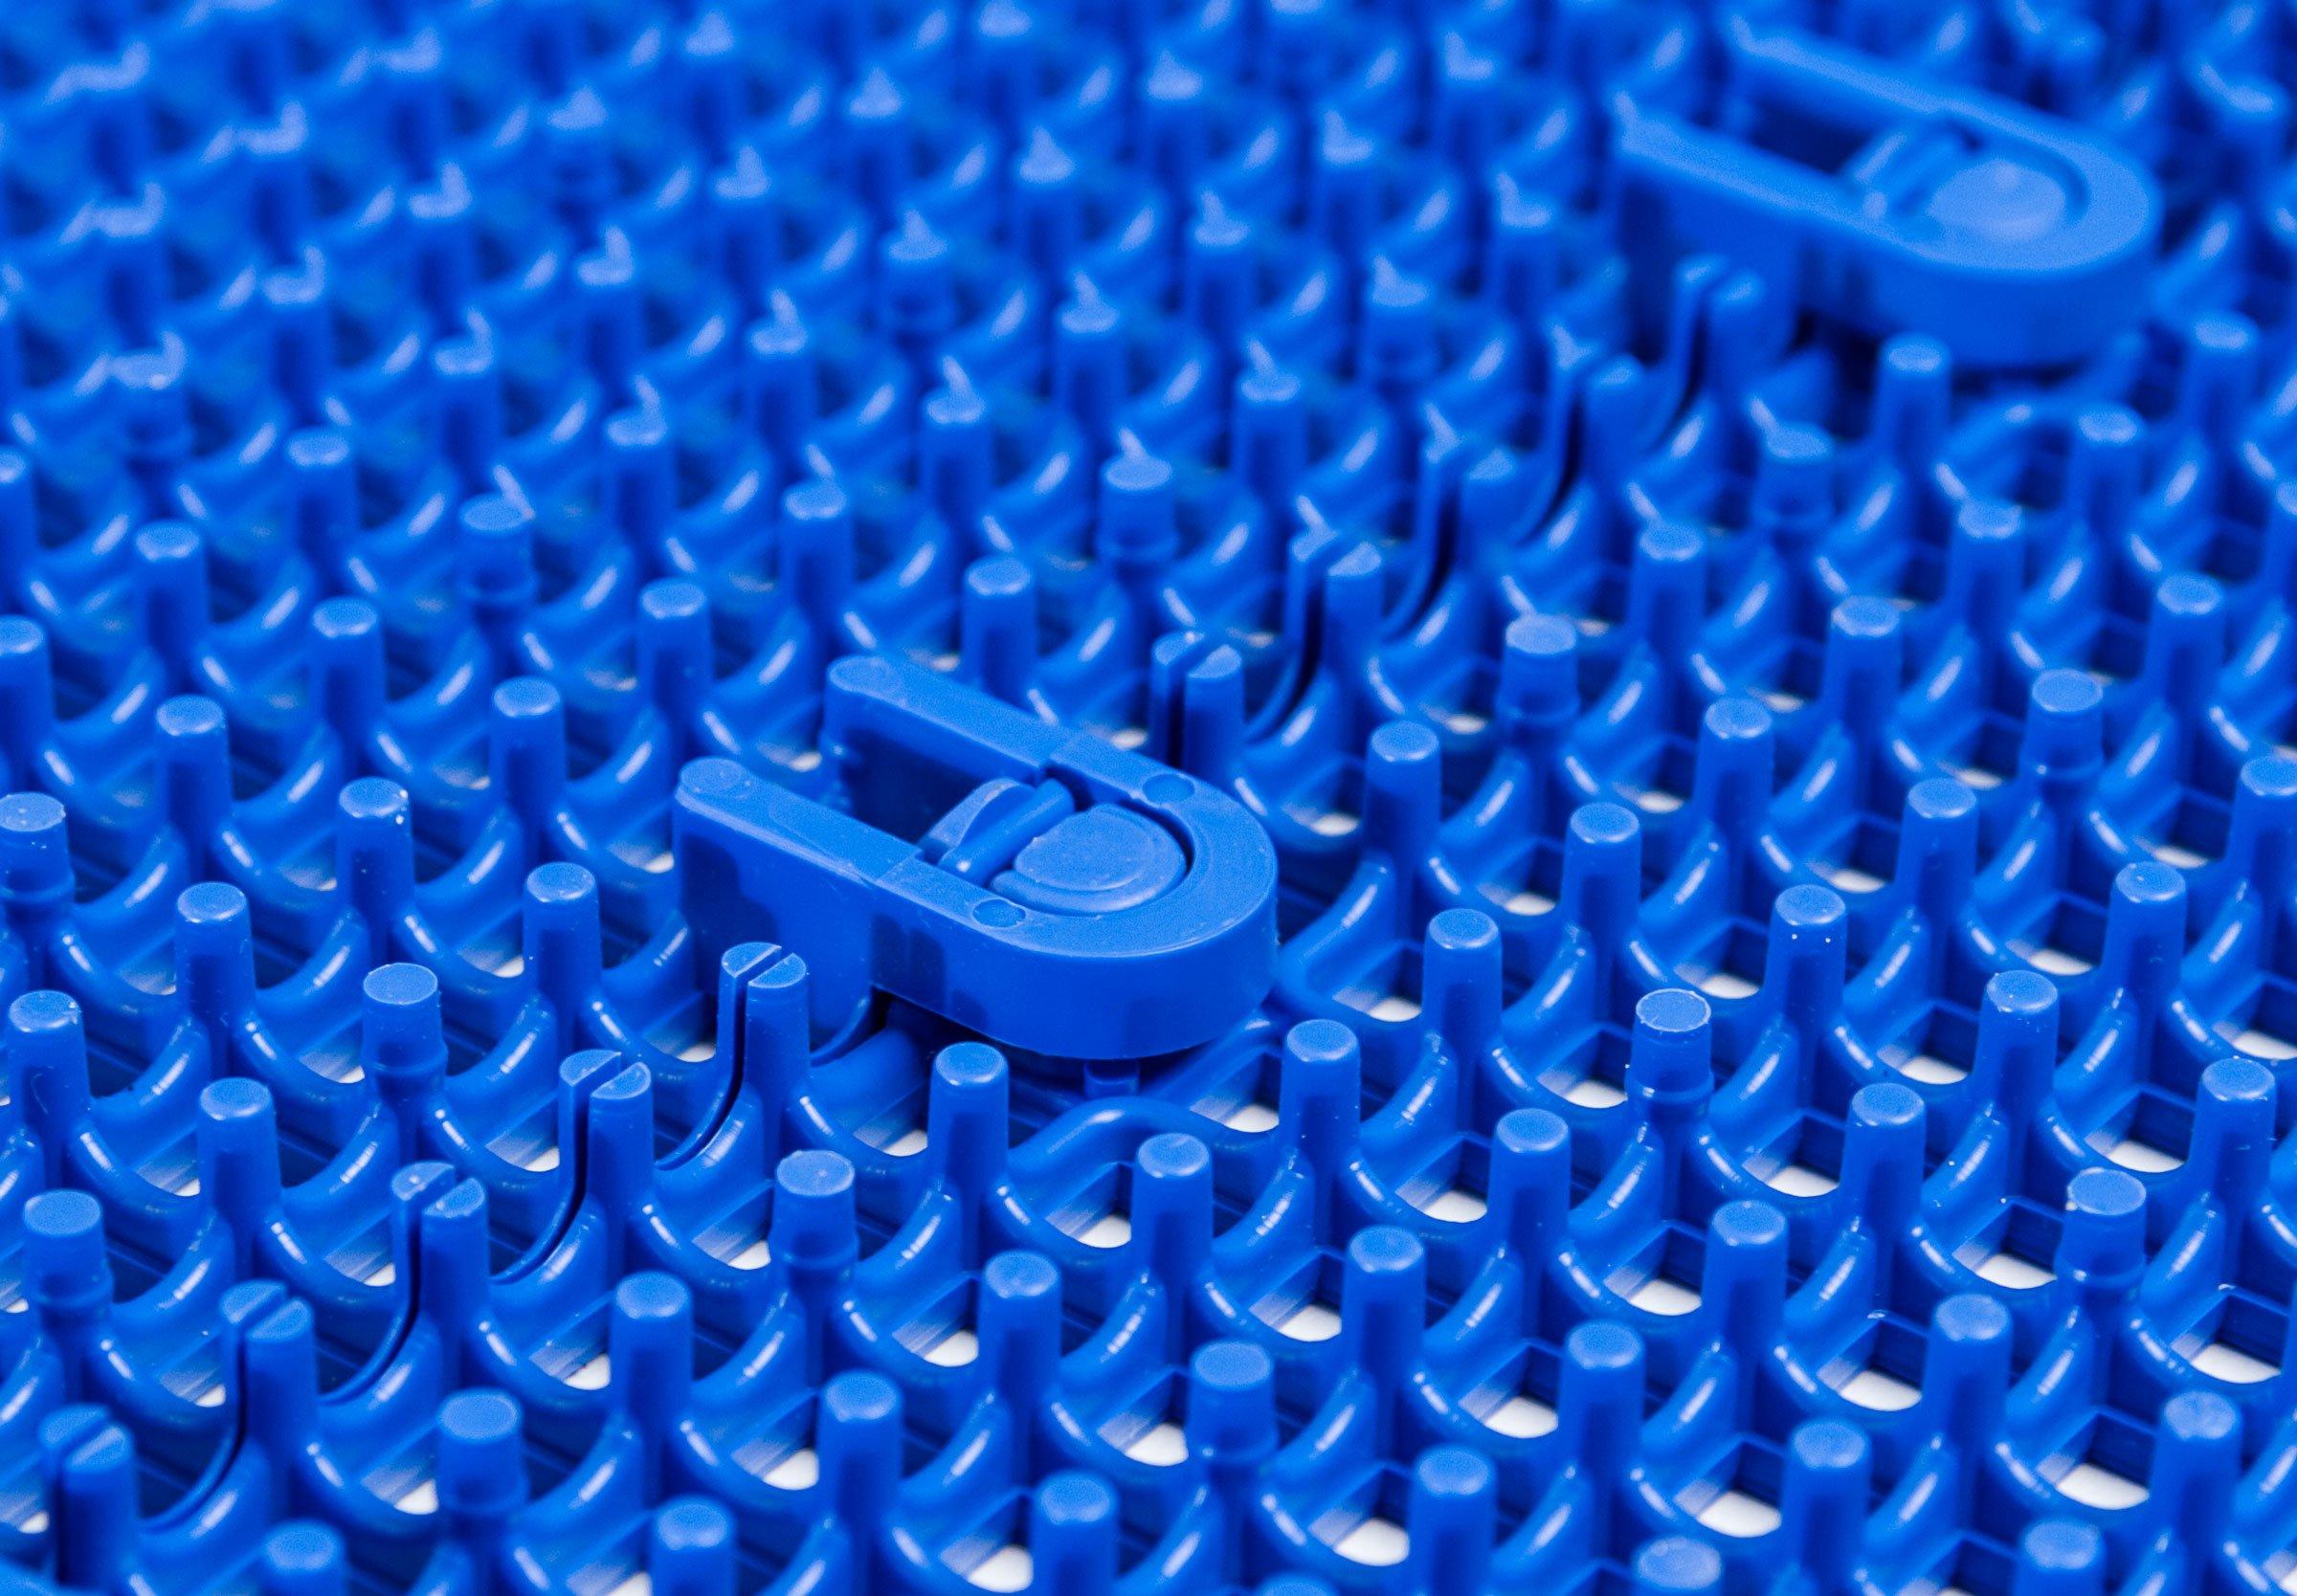 DuraGrid STBRIK Comfort Interlocking Modular Multi-Use Safety Floor Matting, Single Tile, Brick Red by DuraGrid® (Image #3)